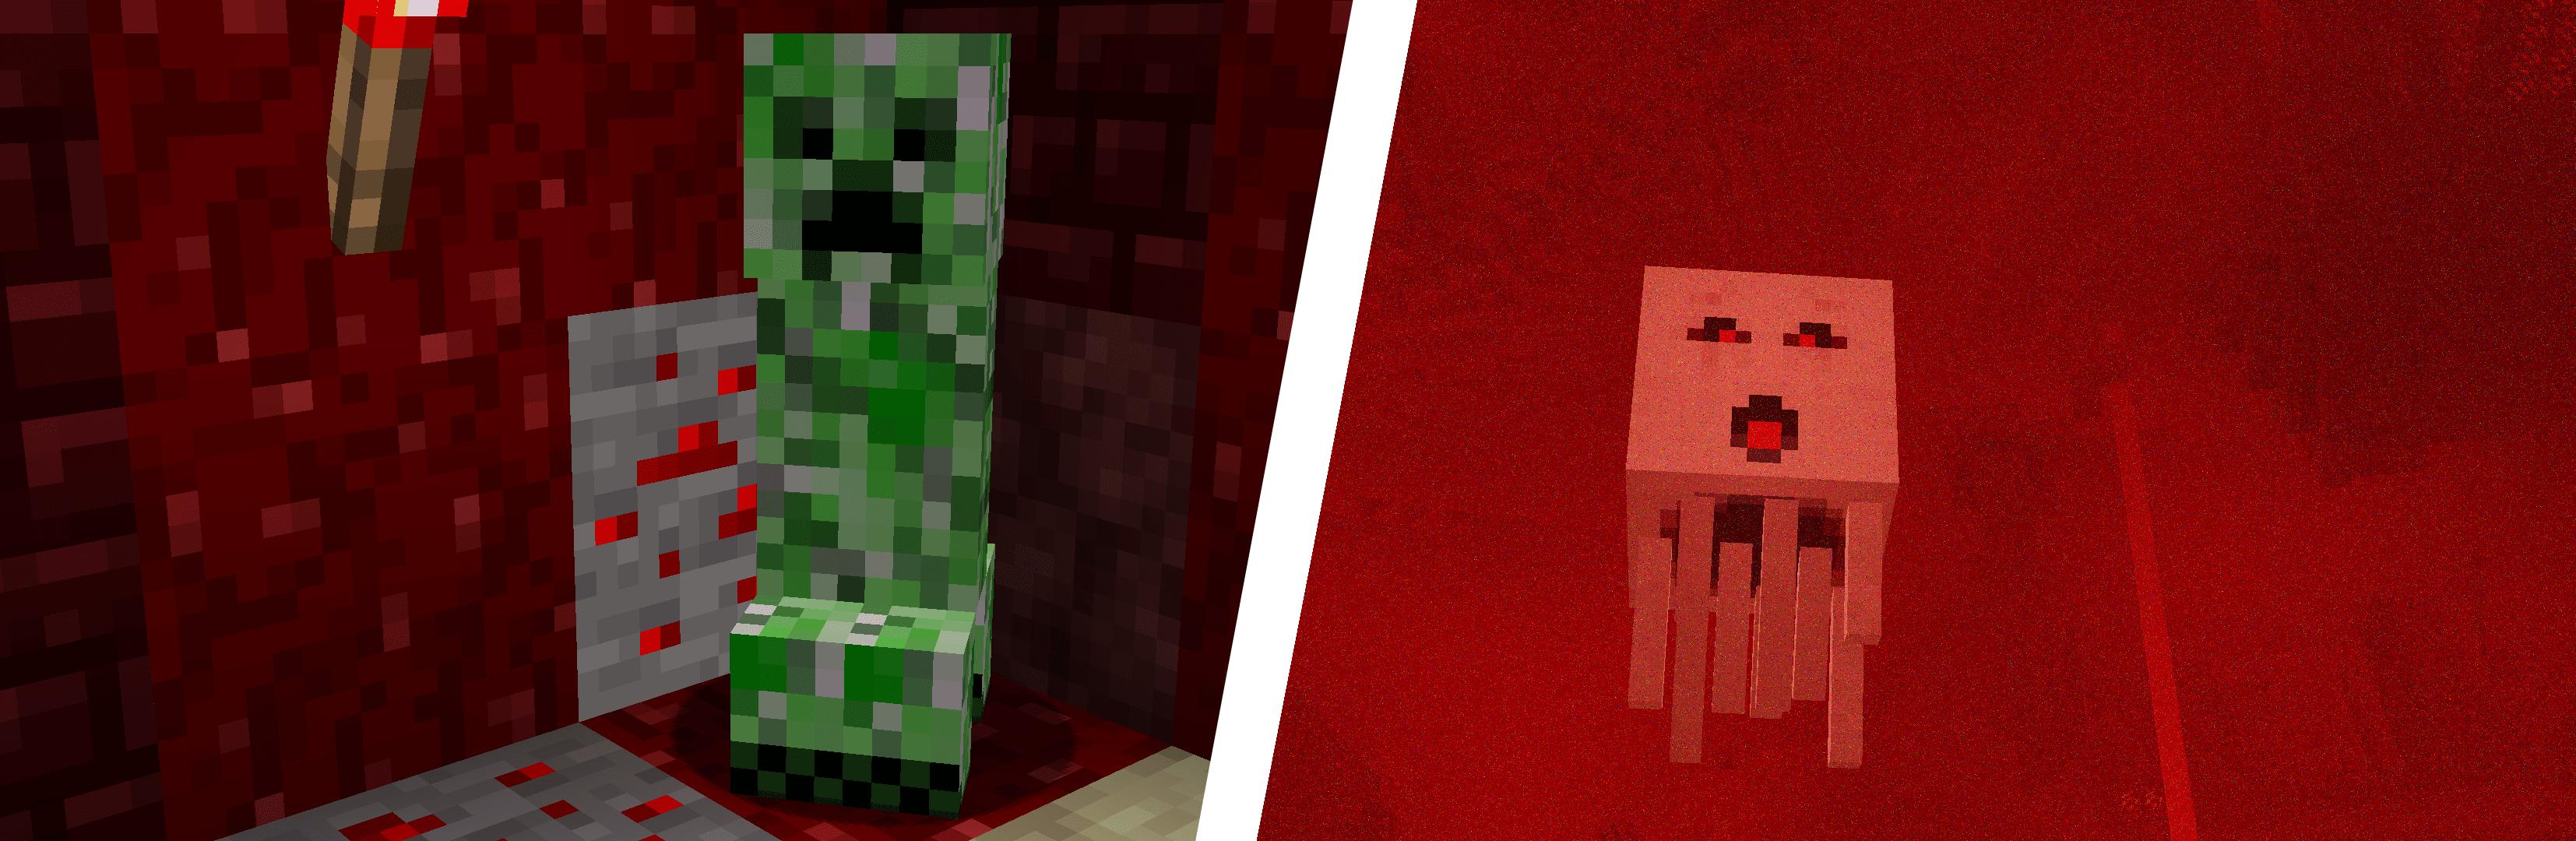 In questo tutorial vedremo come, con il comando Gamerule, disattivare il Mob Griefing su Minecraft. Il Mob Griefing è il danno che i mob apportano al mondo di Minecraft, e disattivarlo è un gioco da ragazzi!